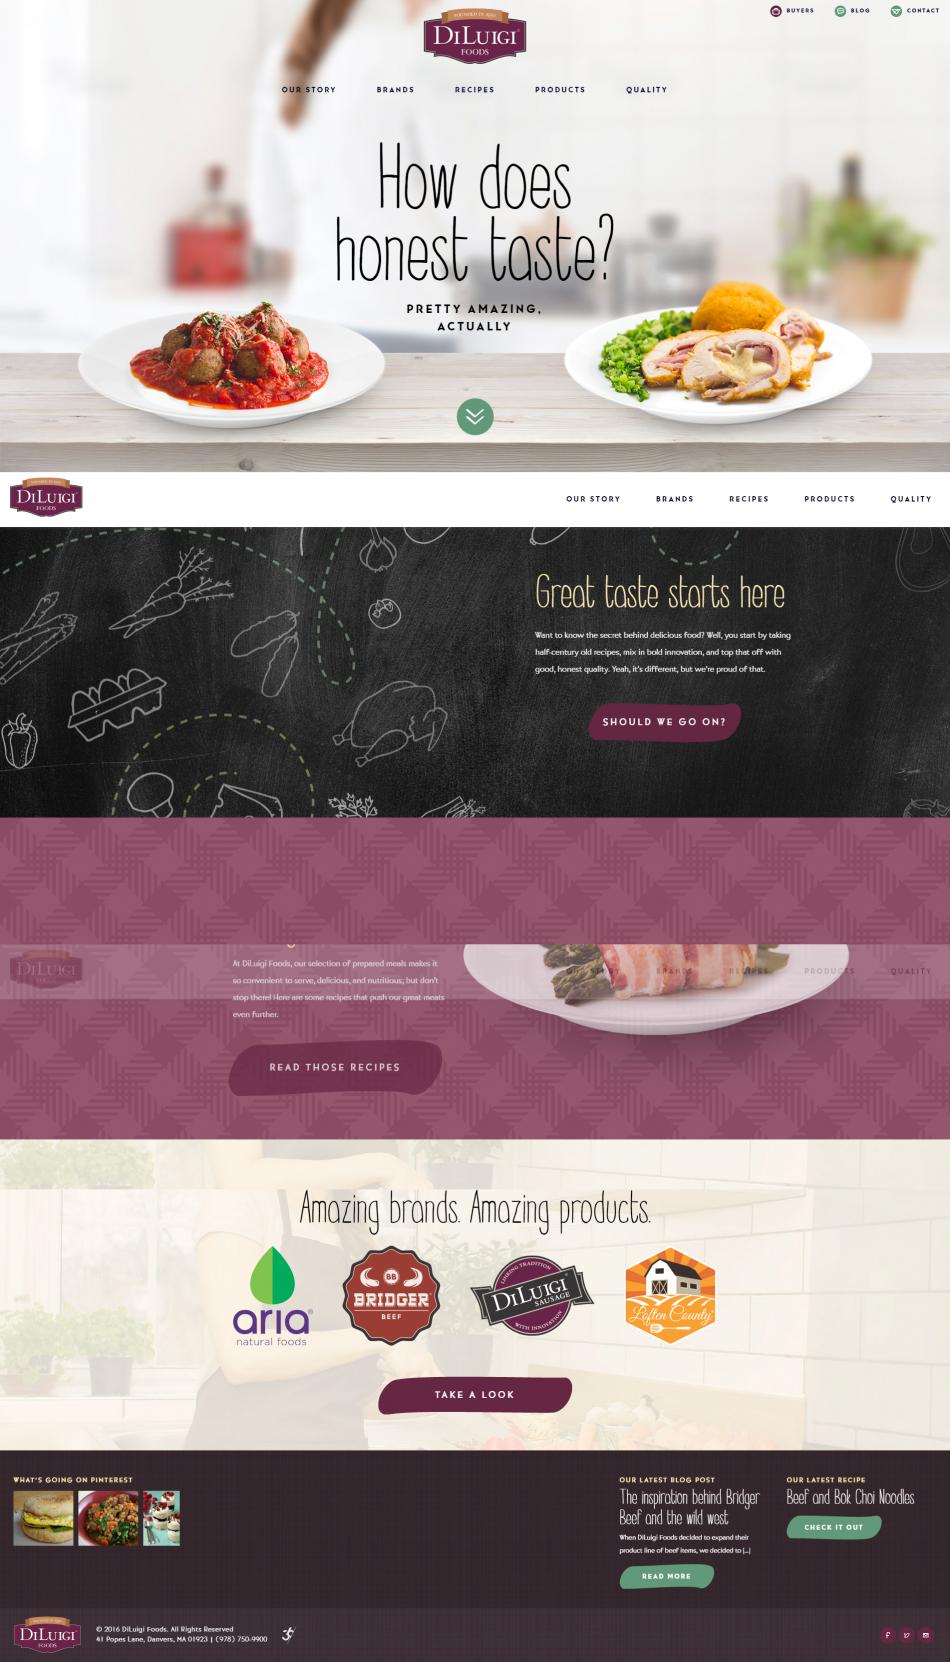 DiLuigi Foods